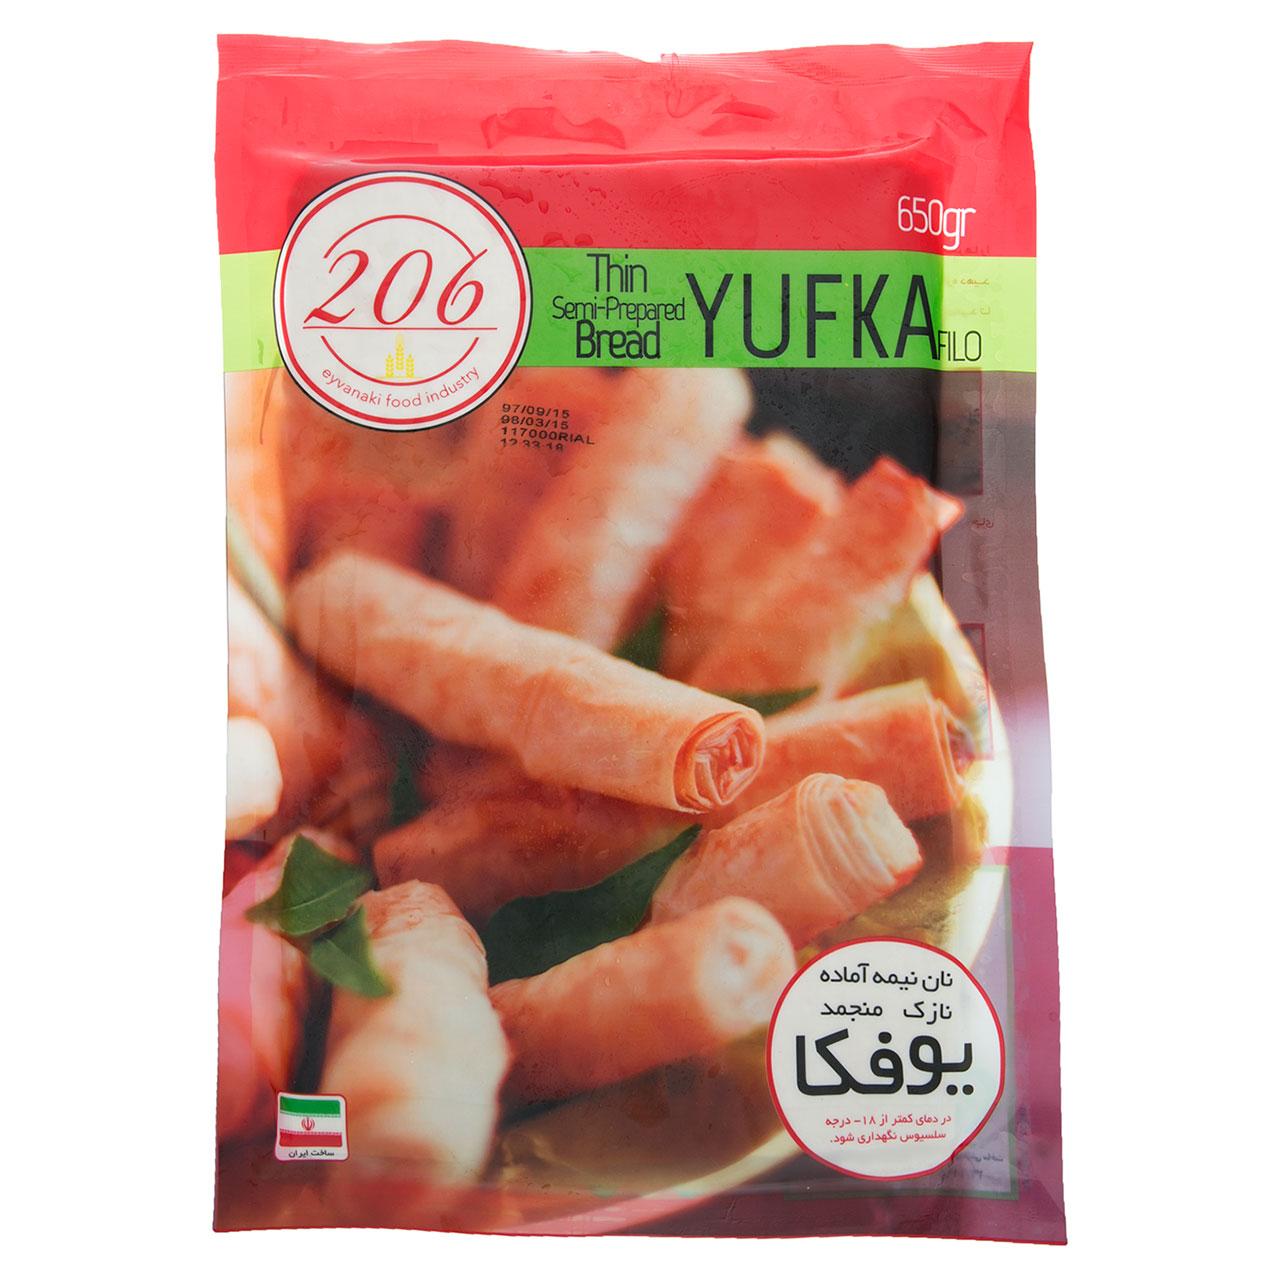 نان نیمه آماده منجمد یوفکا 206 مقدار 650 گرم